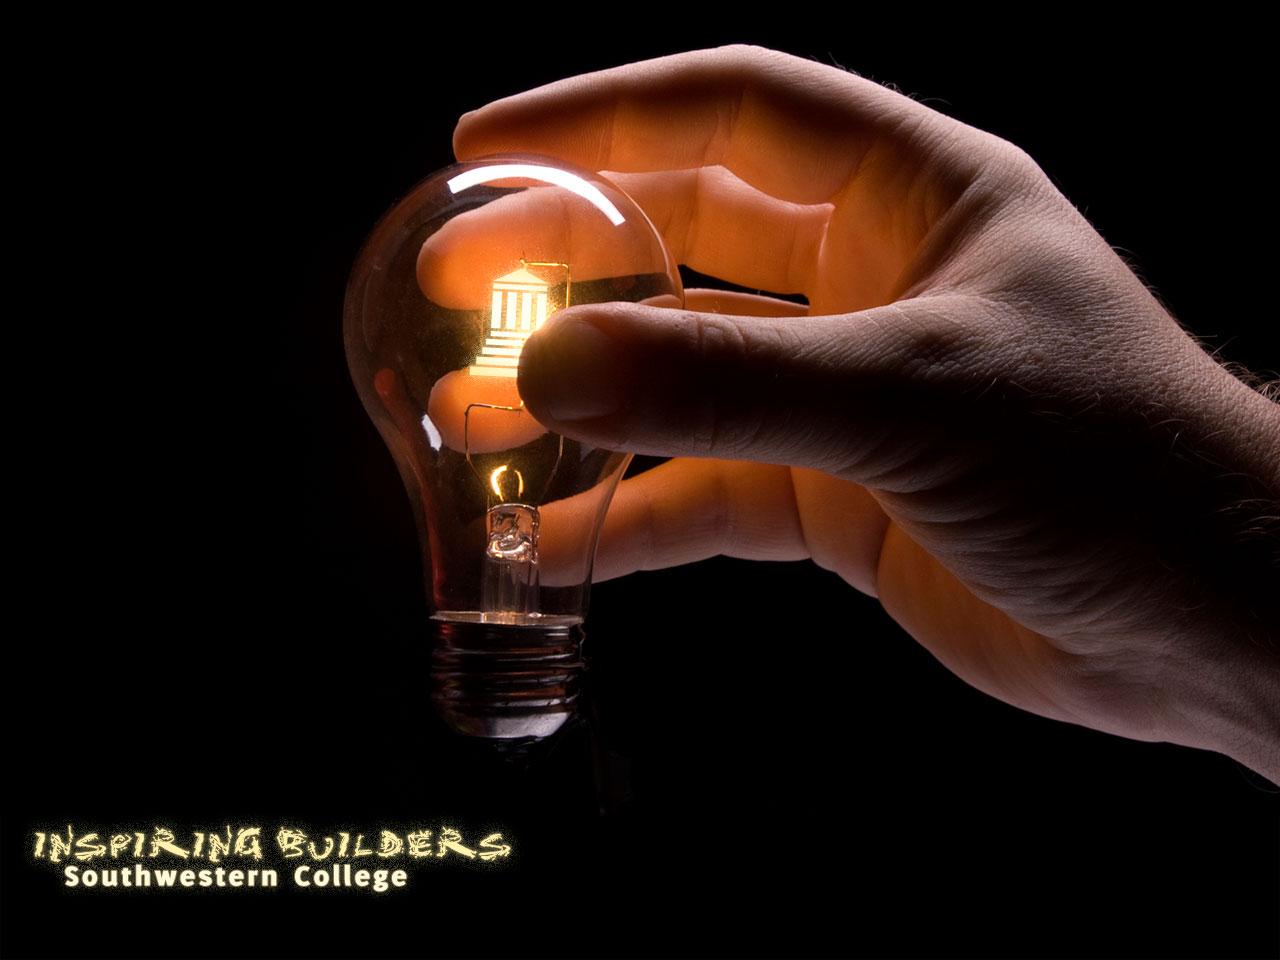 http://3.bp.blogspot.com/-b4zgouqOF-M/TkW7kU7cifI/AAAAAAAAAn4/aH5vmfSBa5s/s1600/sc-wallpaper-2009-lightbulb-1280x960.jpg